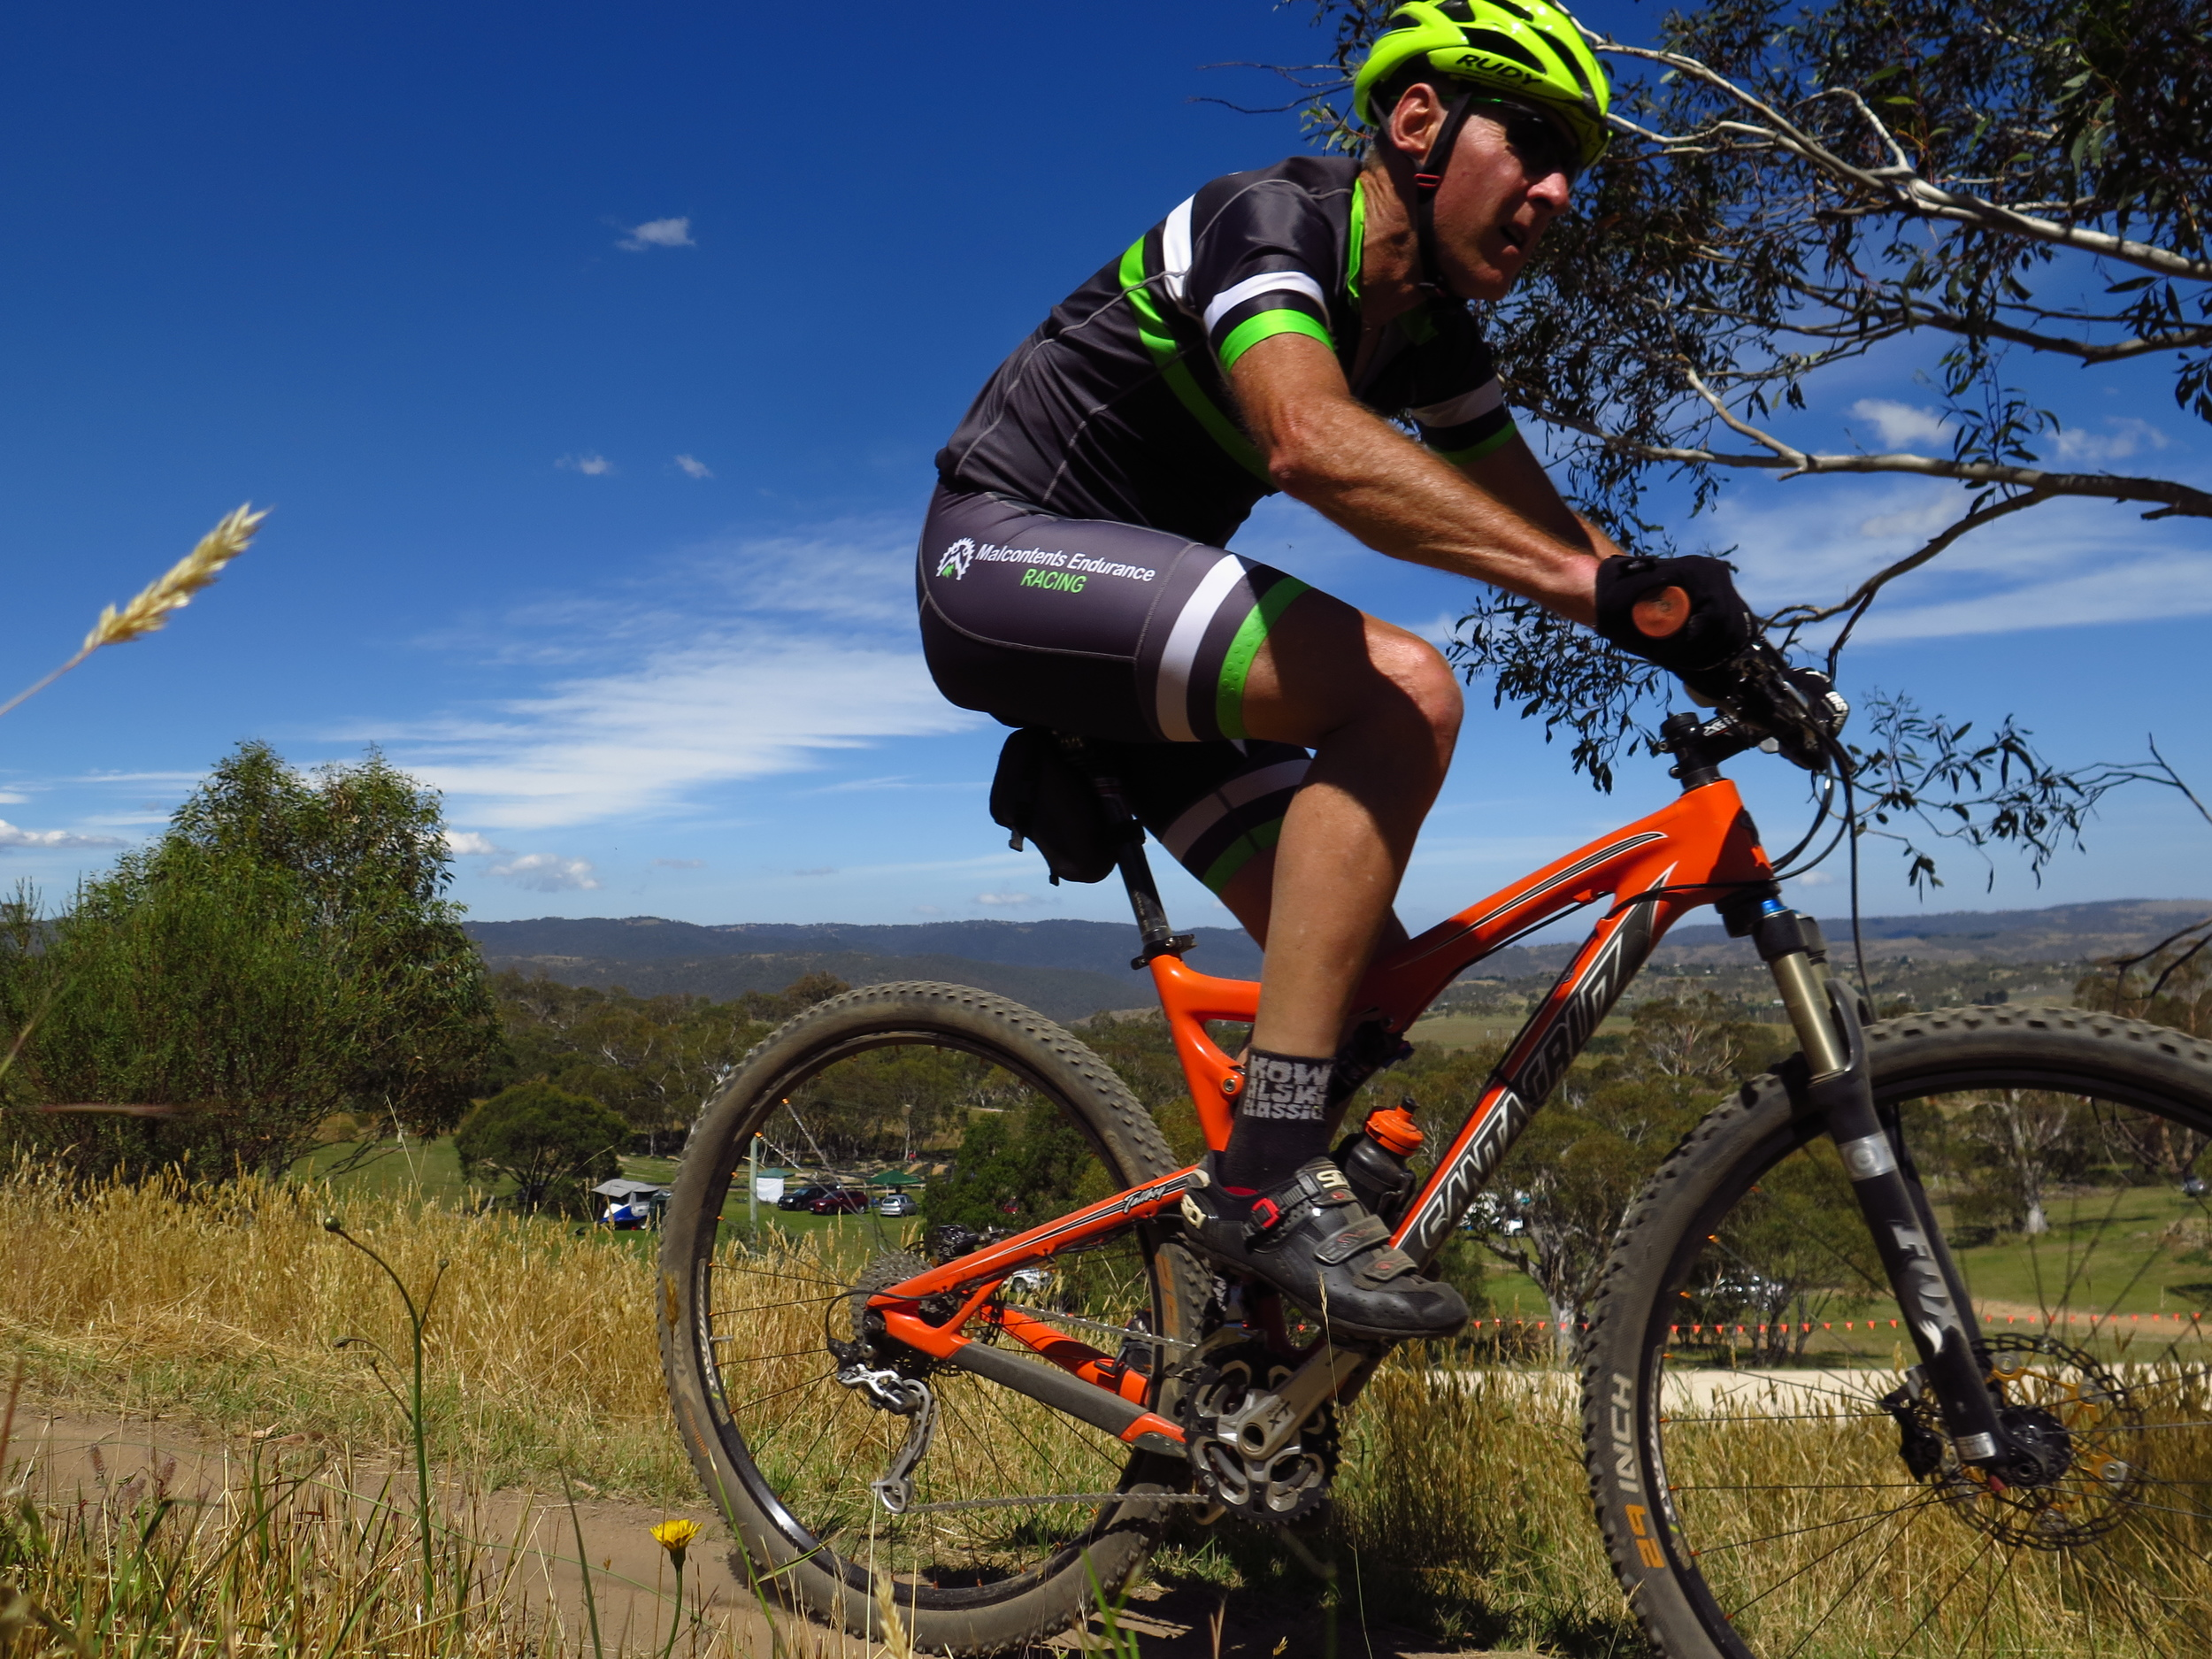 Mountain Biking at Bungarra